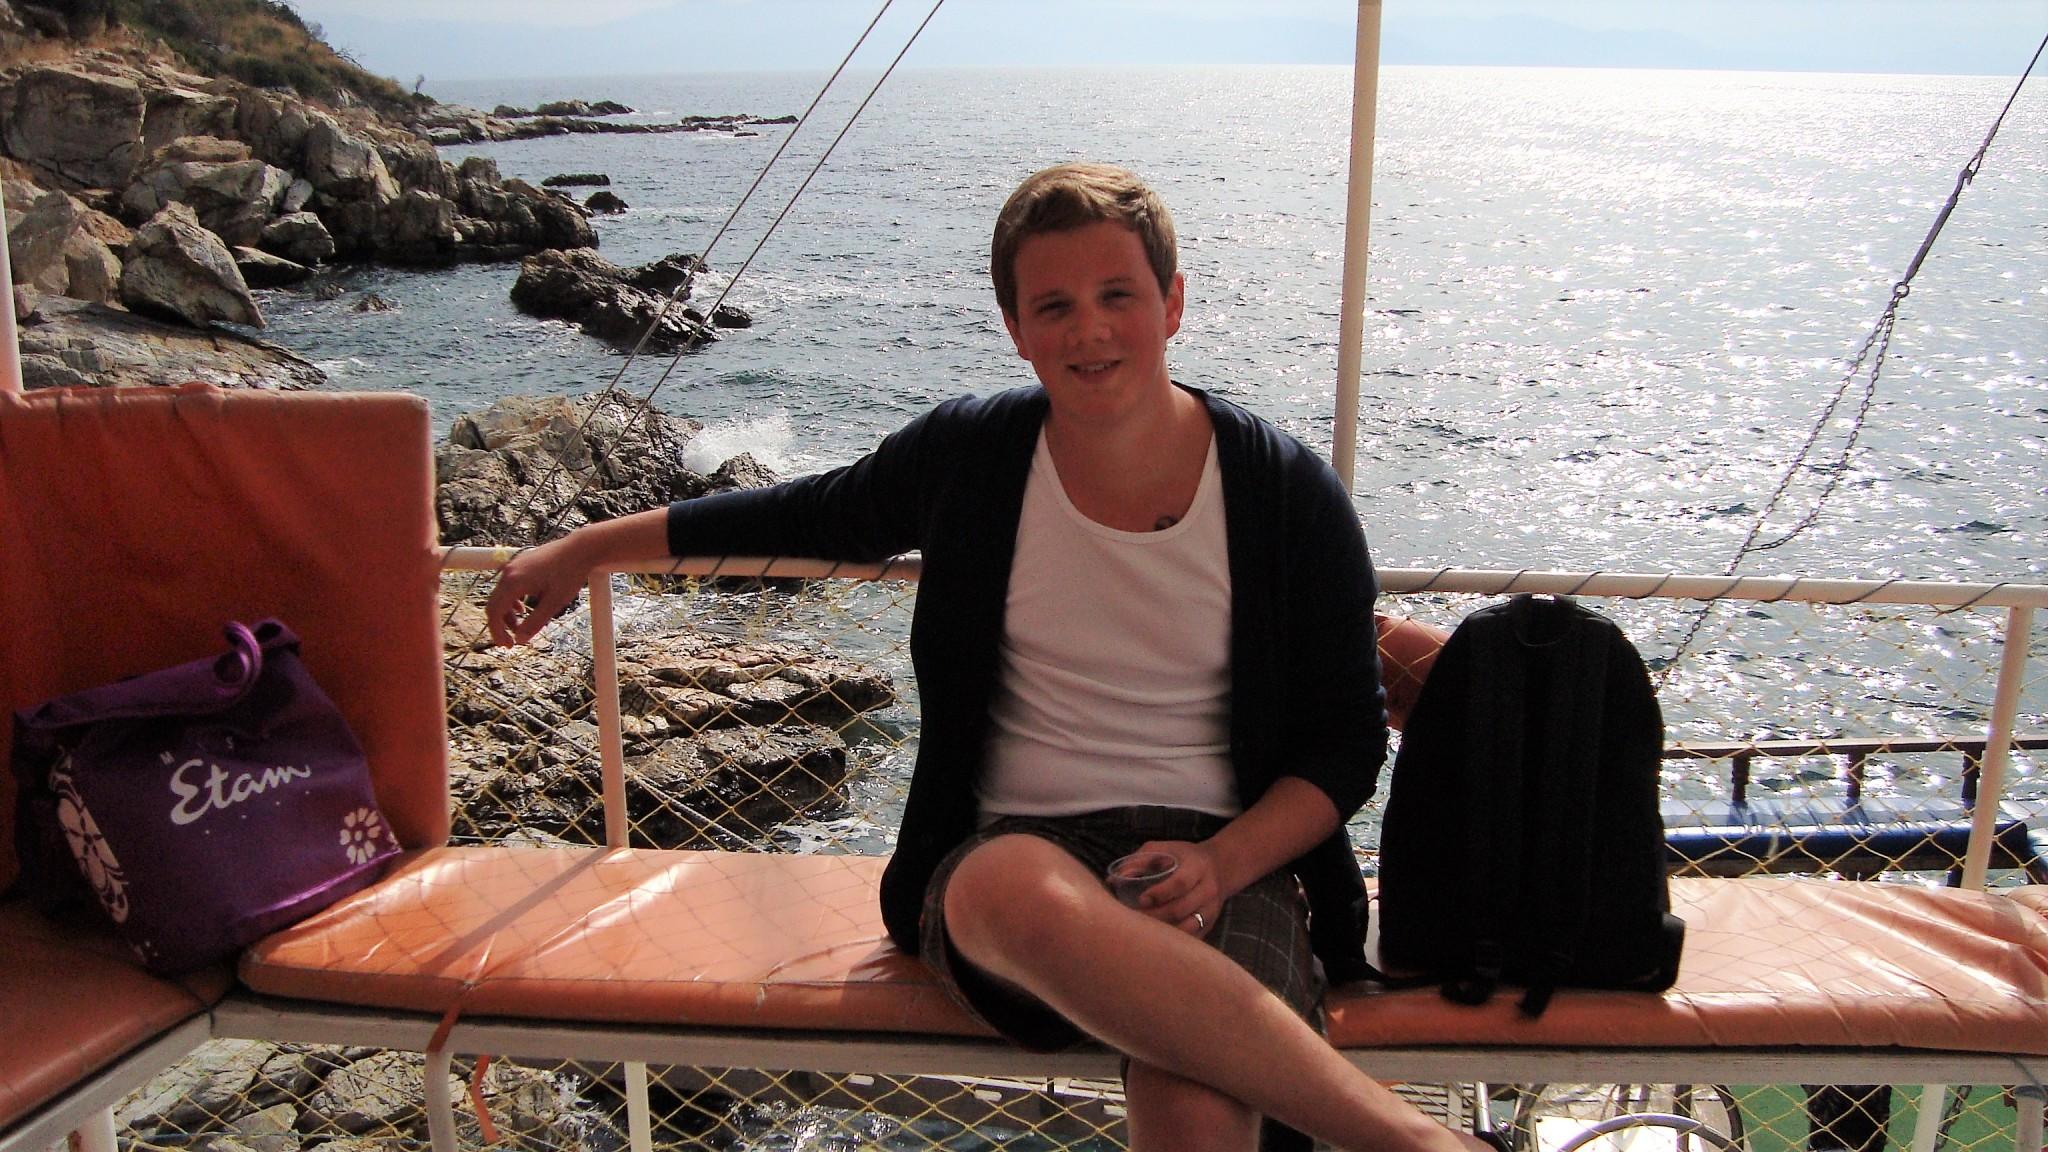 Boris Turkije  - Onze eerste vakantie als stel & op vakantie zonder kinderen?